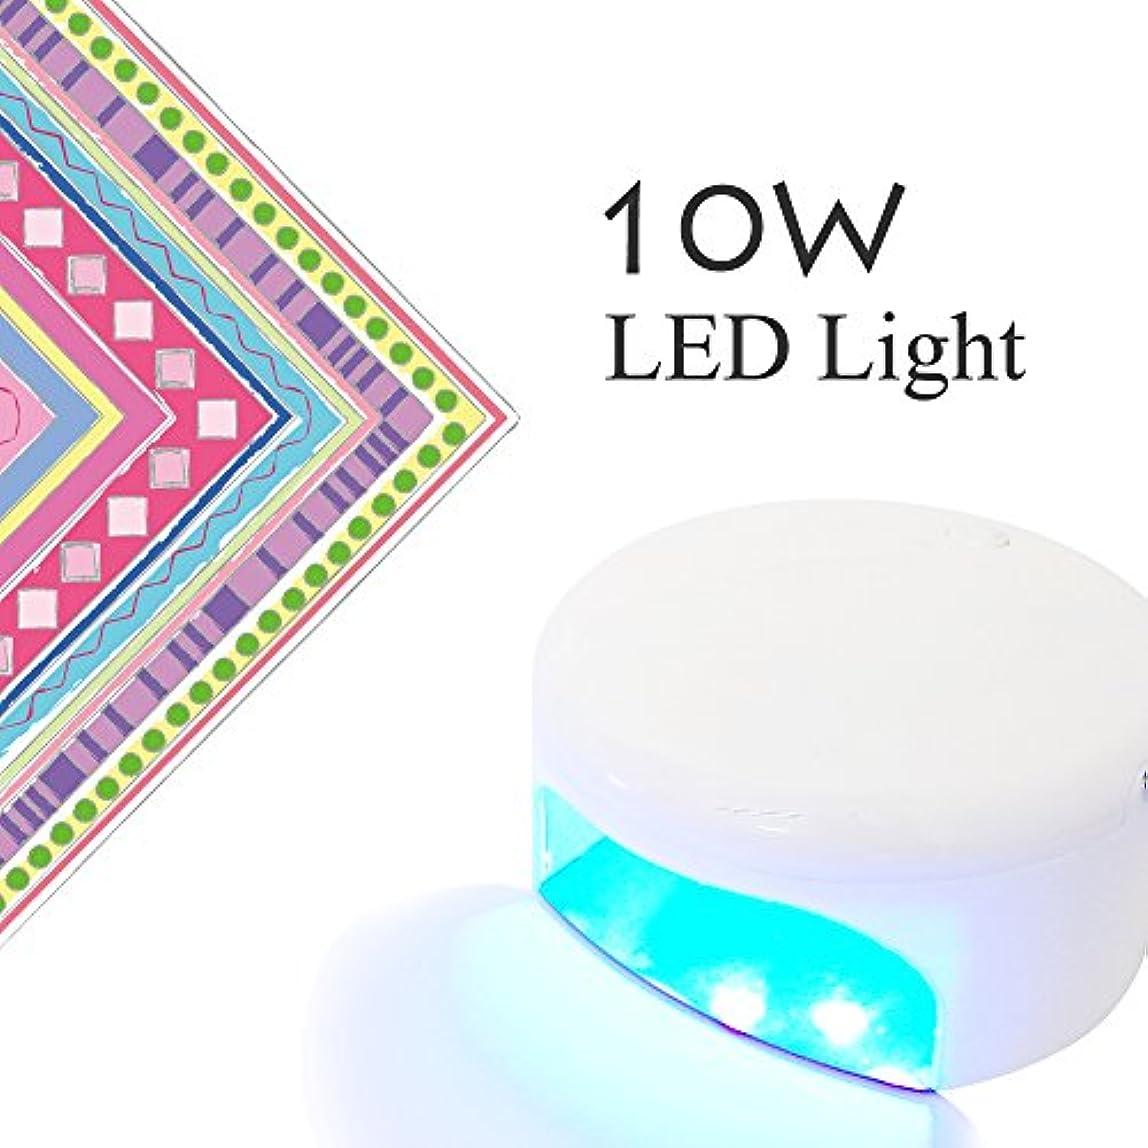 カプセル死んでいるルーネイル用LEDライト 10W チップLED搭載 【LED10wライト】コンパクトハイパワー保証書。取扱説明書付き ジェルネイル (10W)